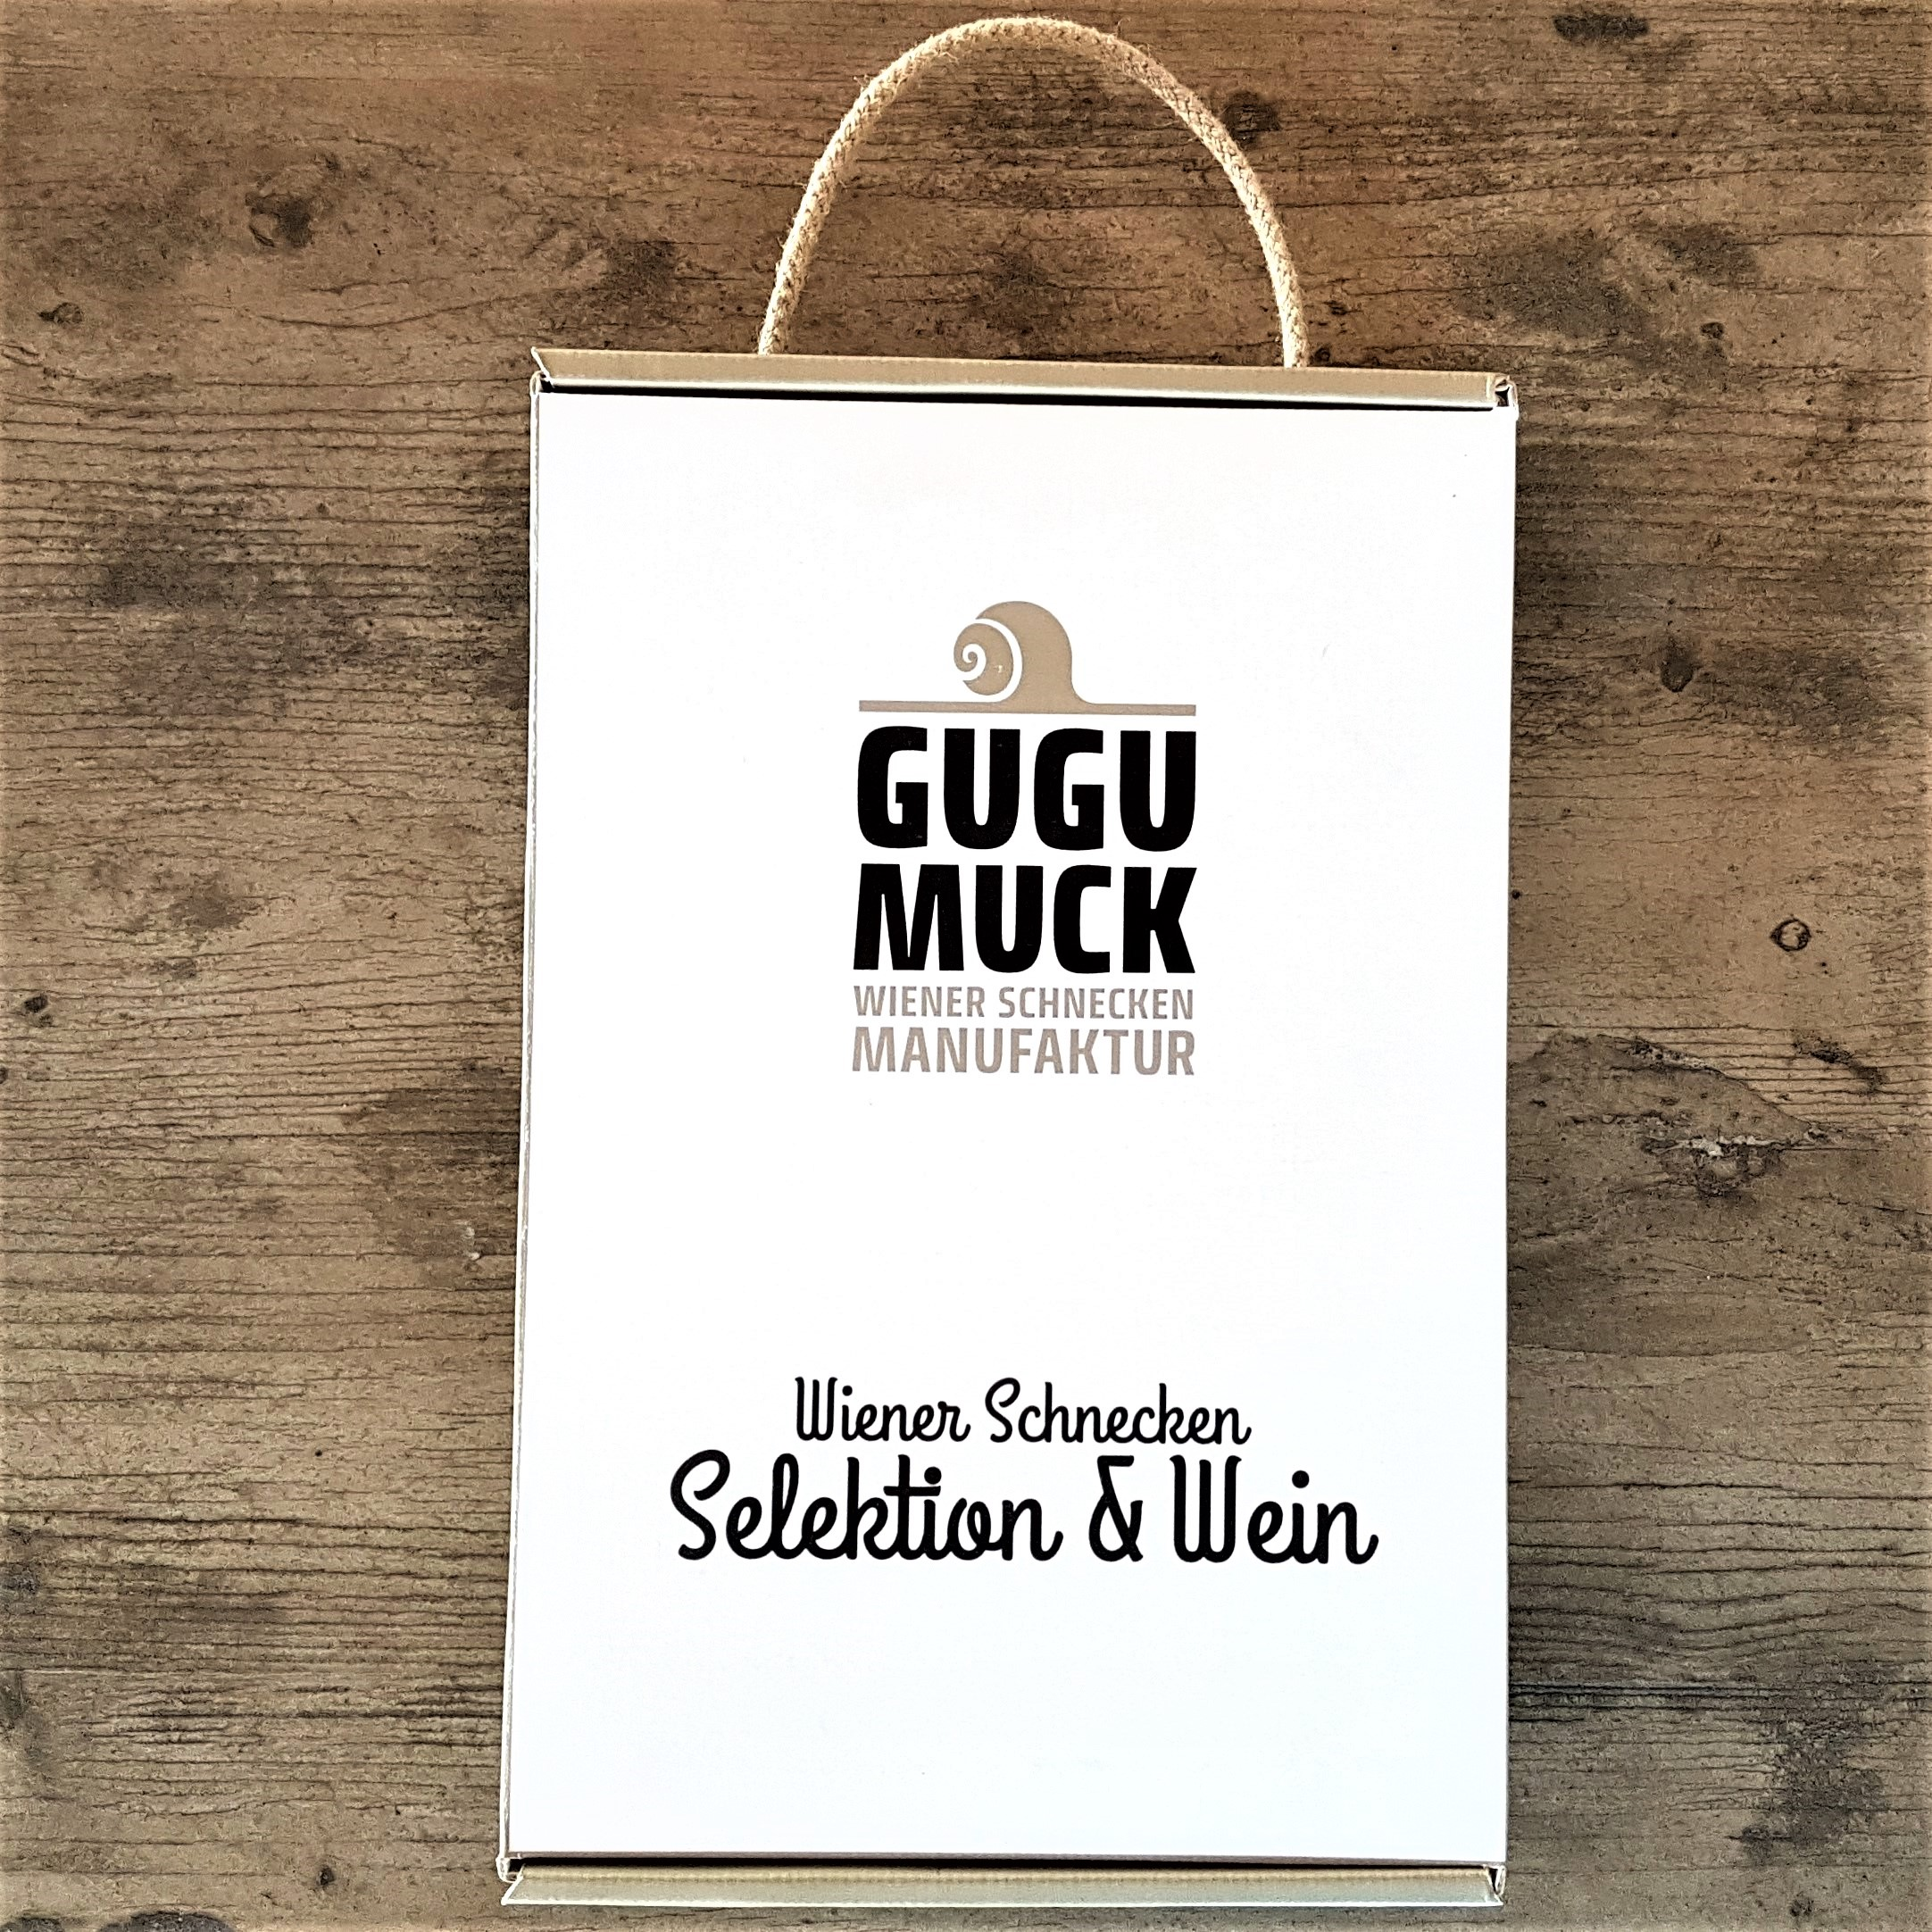 Gugumuck Wiener Gemischter Satz vom Nussberg mit einer Selektion von Escargot-Delikatessen, Weinbergschnecken. Die Wiener Schnecken Selektion - das Geschenkset mit ausgewählten Schneckengläsern mit einer exklusiven Flasche Wiener Gemischten Satz vom Nußberg.